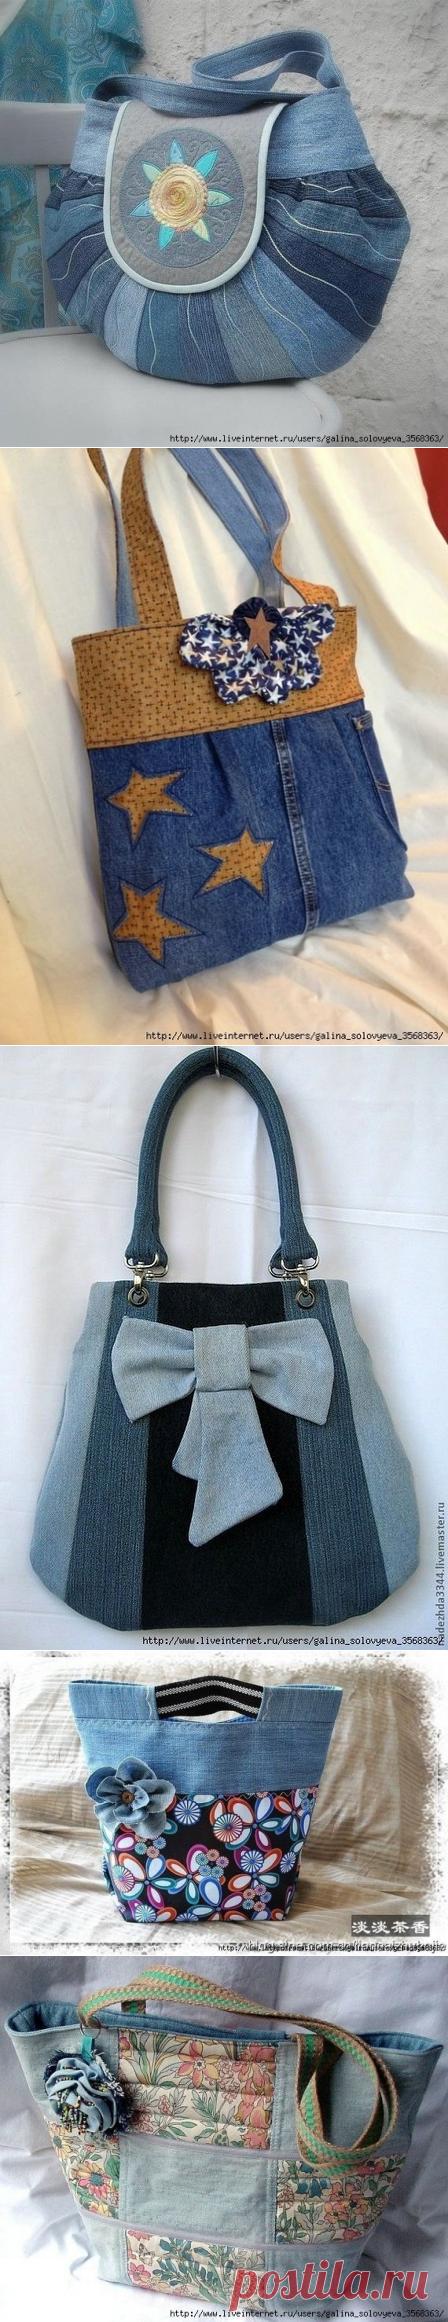 Шьем джинсовые сумочки. Идеи для вдохновения.